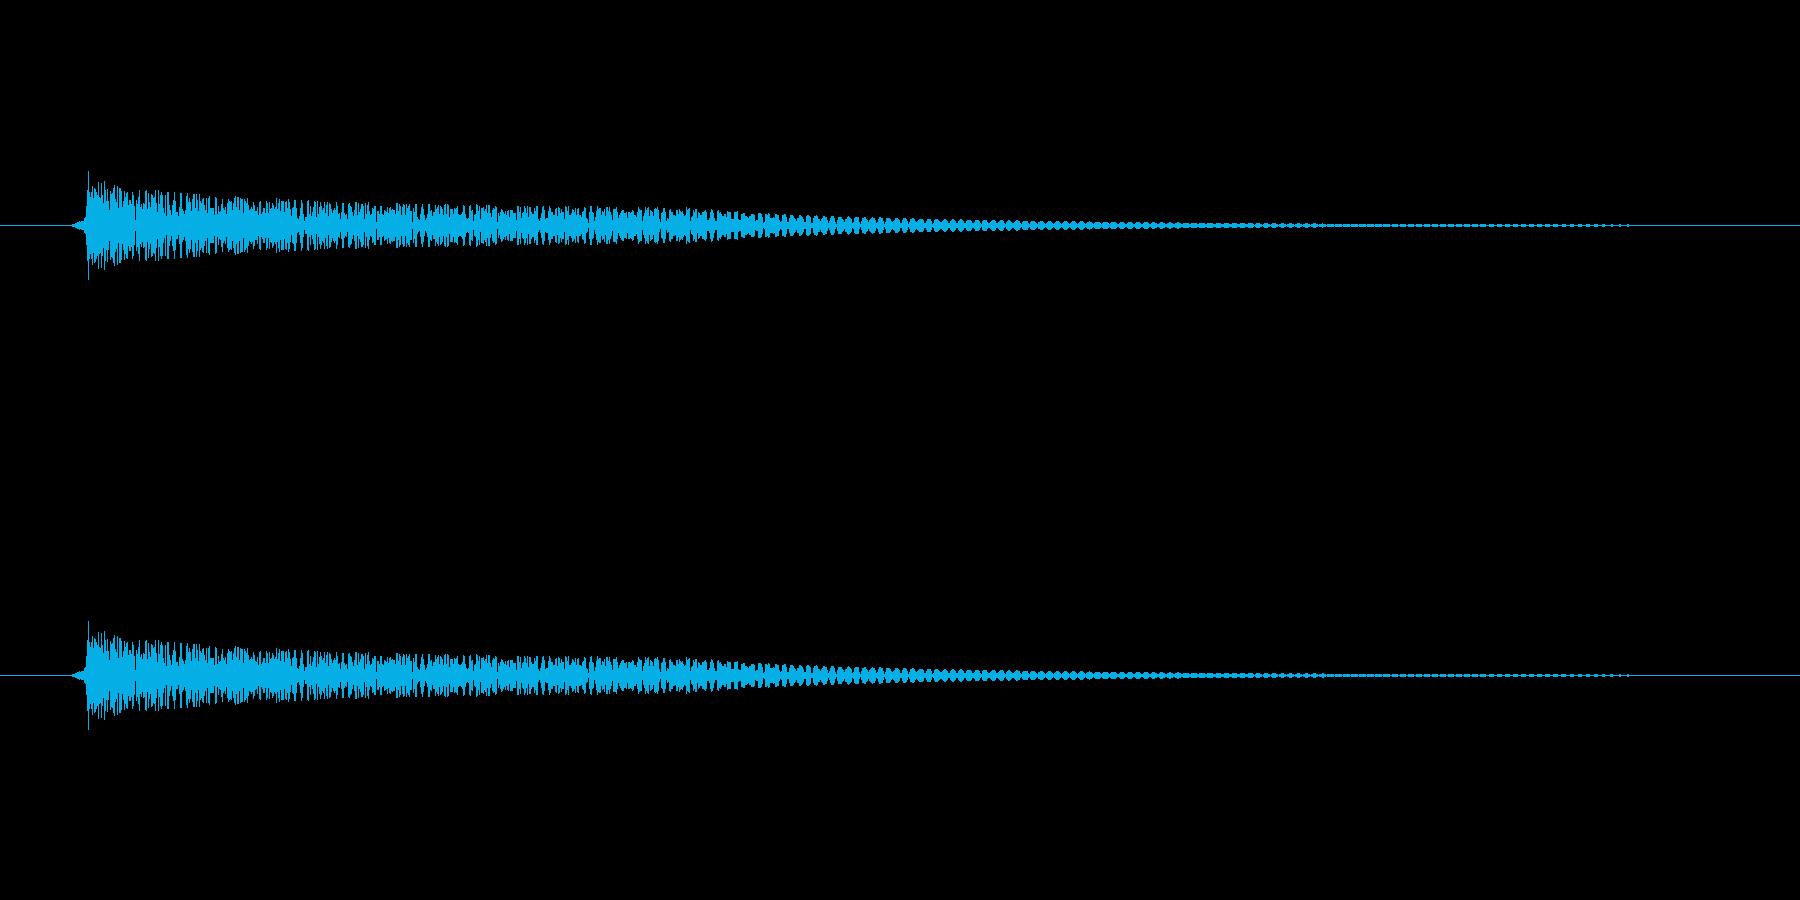 壷(つぼ)を叩いたときのような音の再生済みの波形